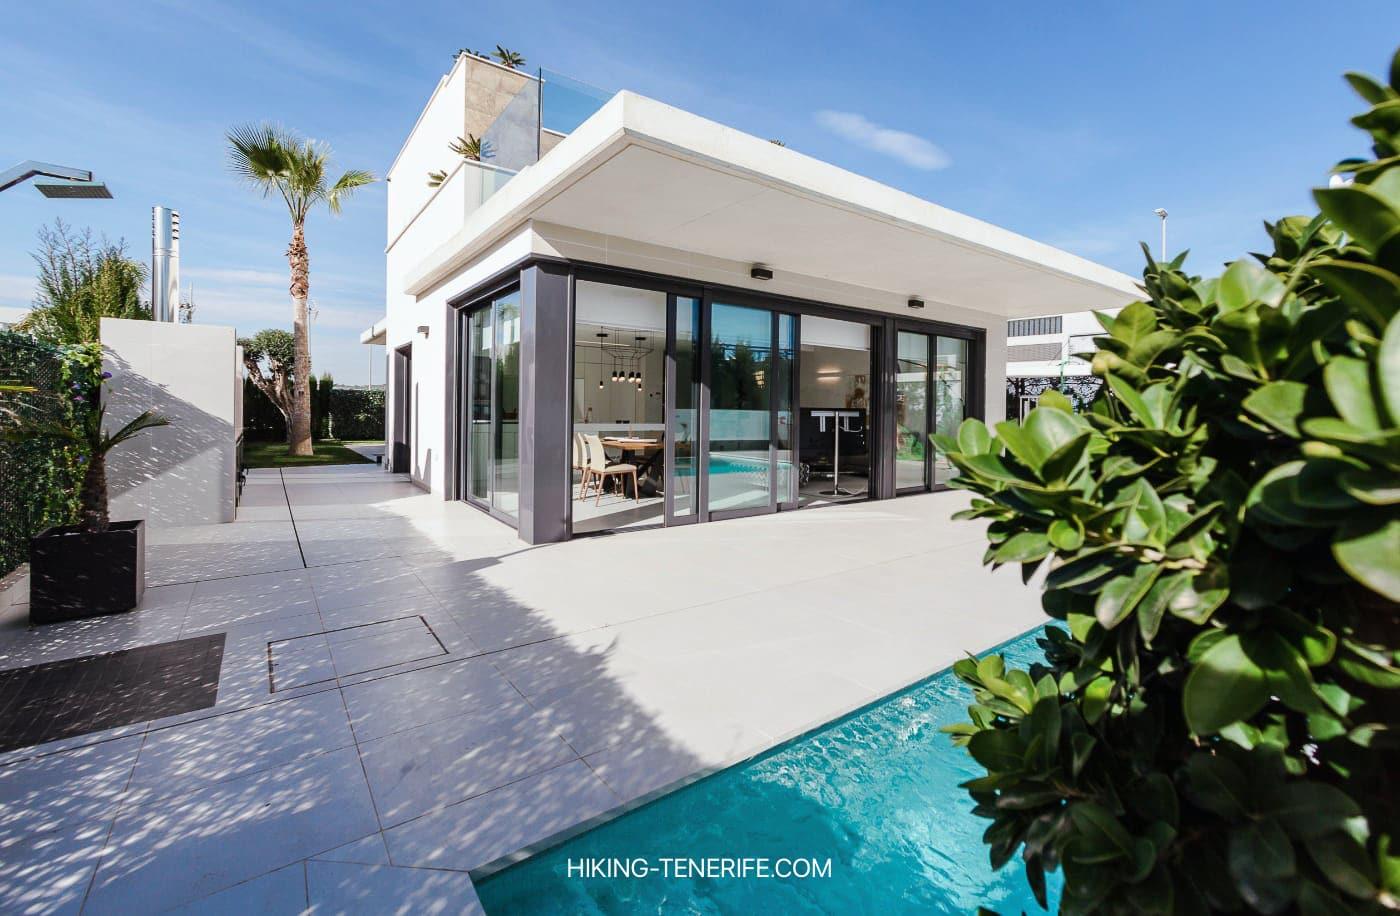 купить недвижимость на Тенерифе в Испании